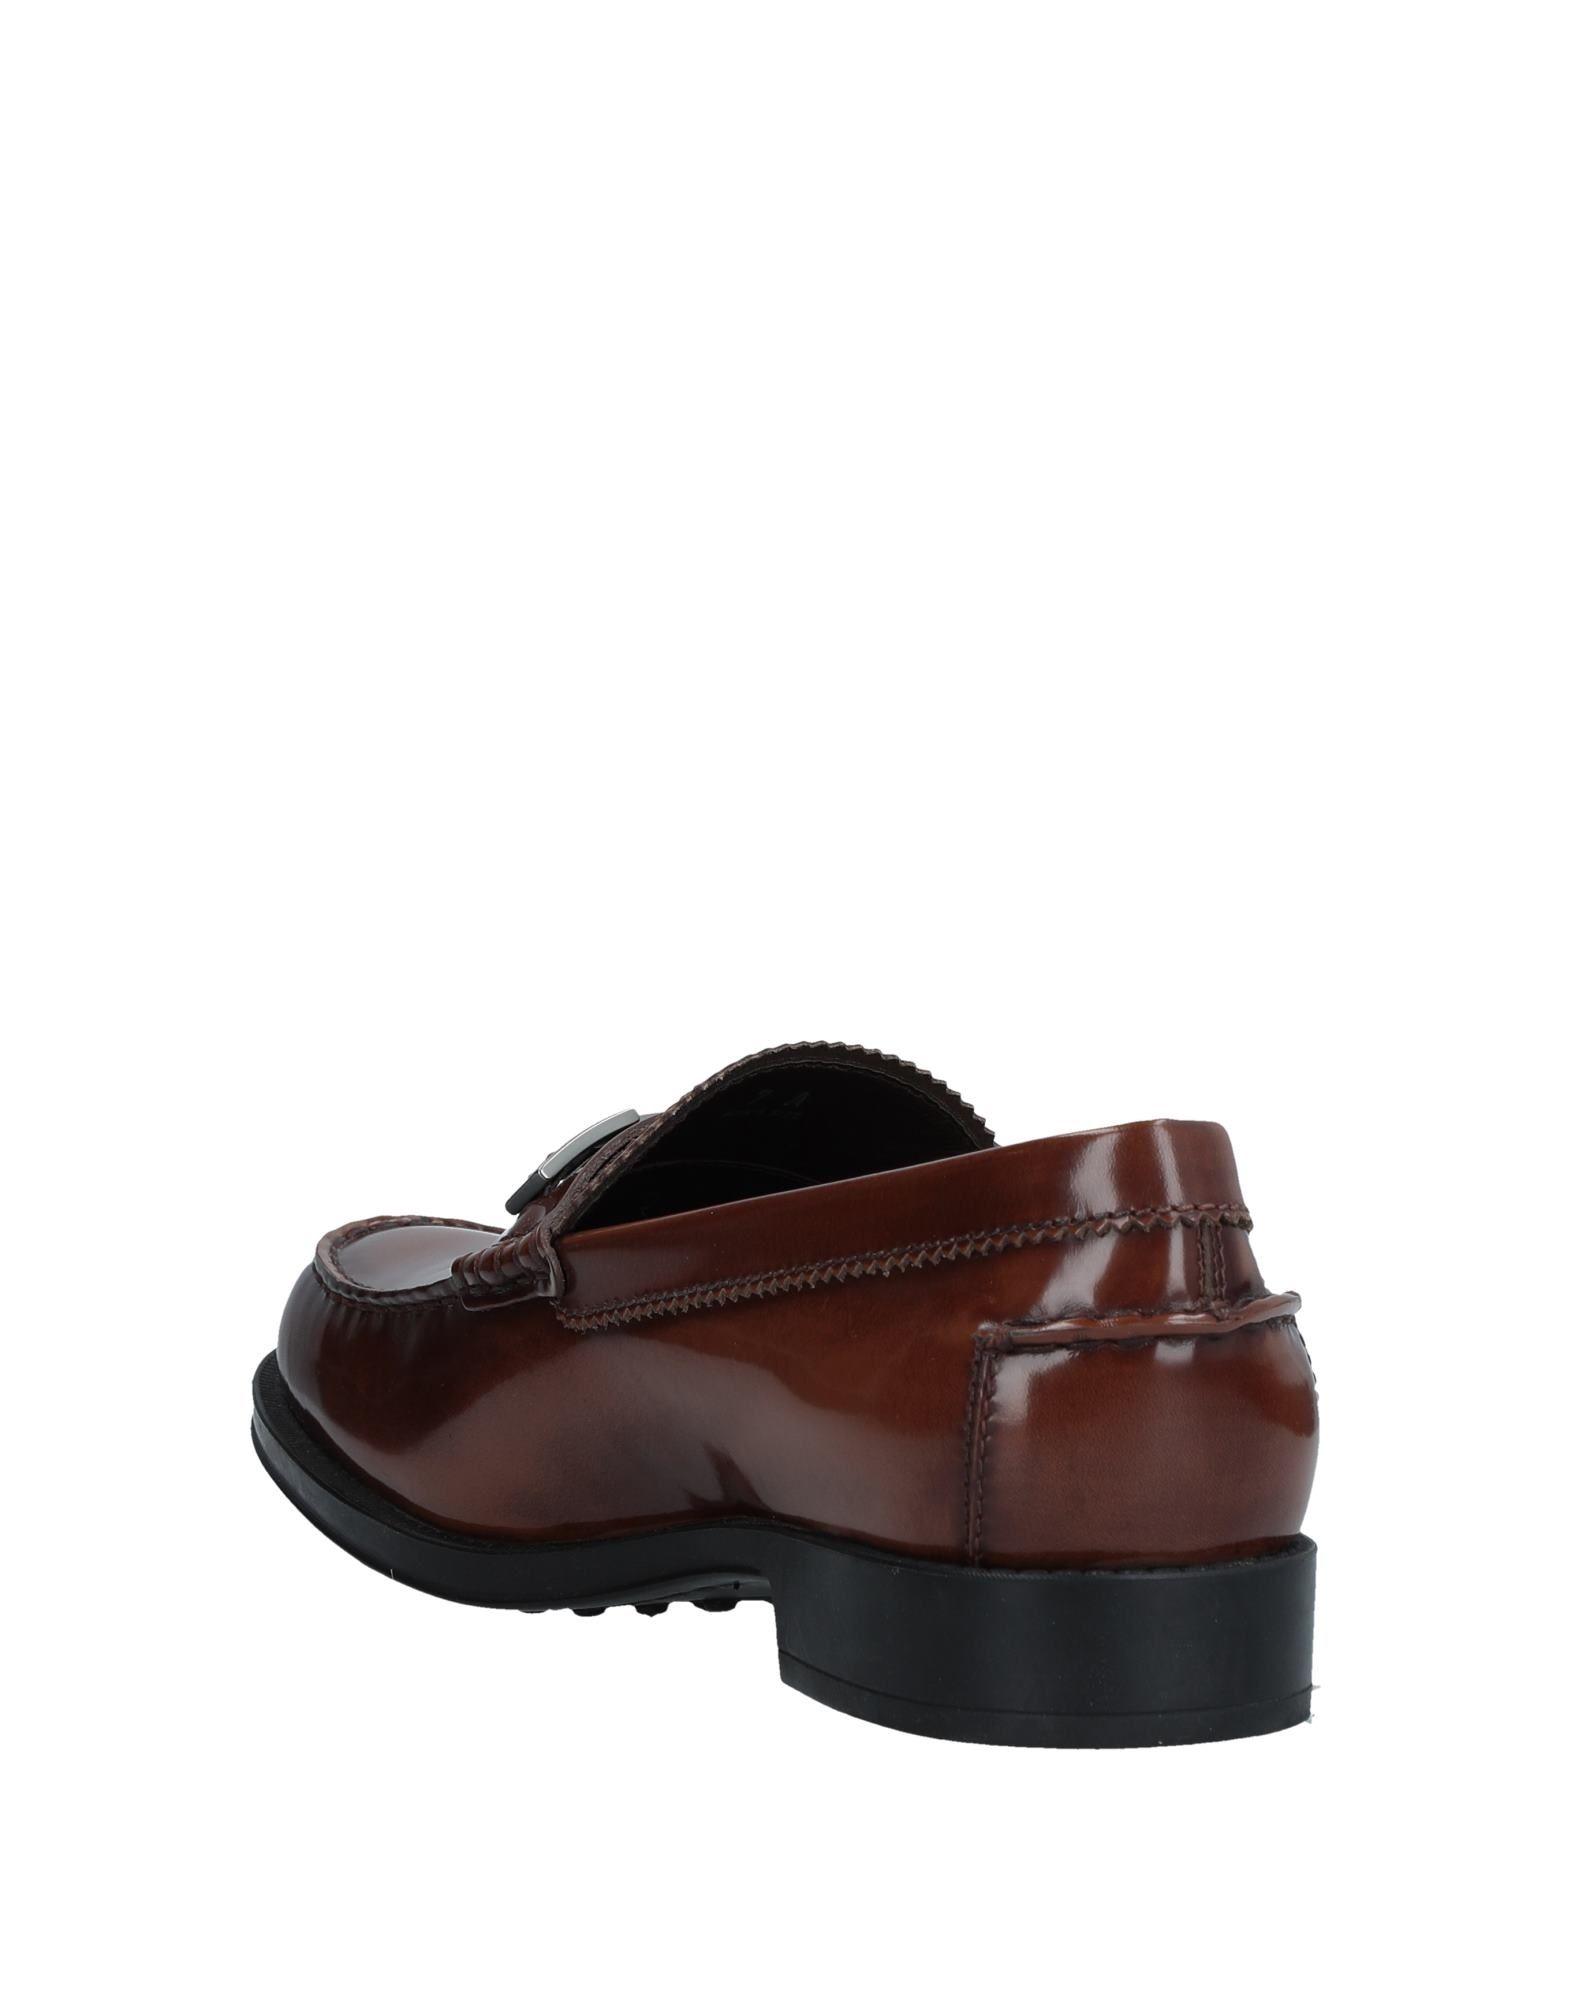 Tod's Mokassins Qualität Herren  11541705QO Gute Qualität Mokassins beliebte Schuhe 4187a3